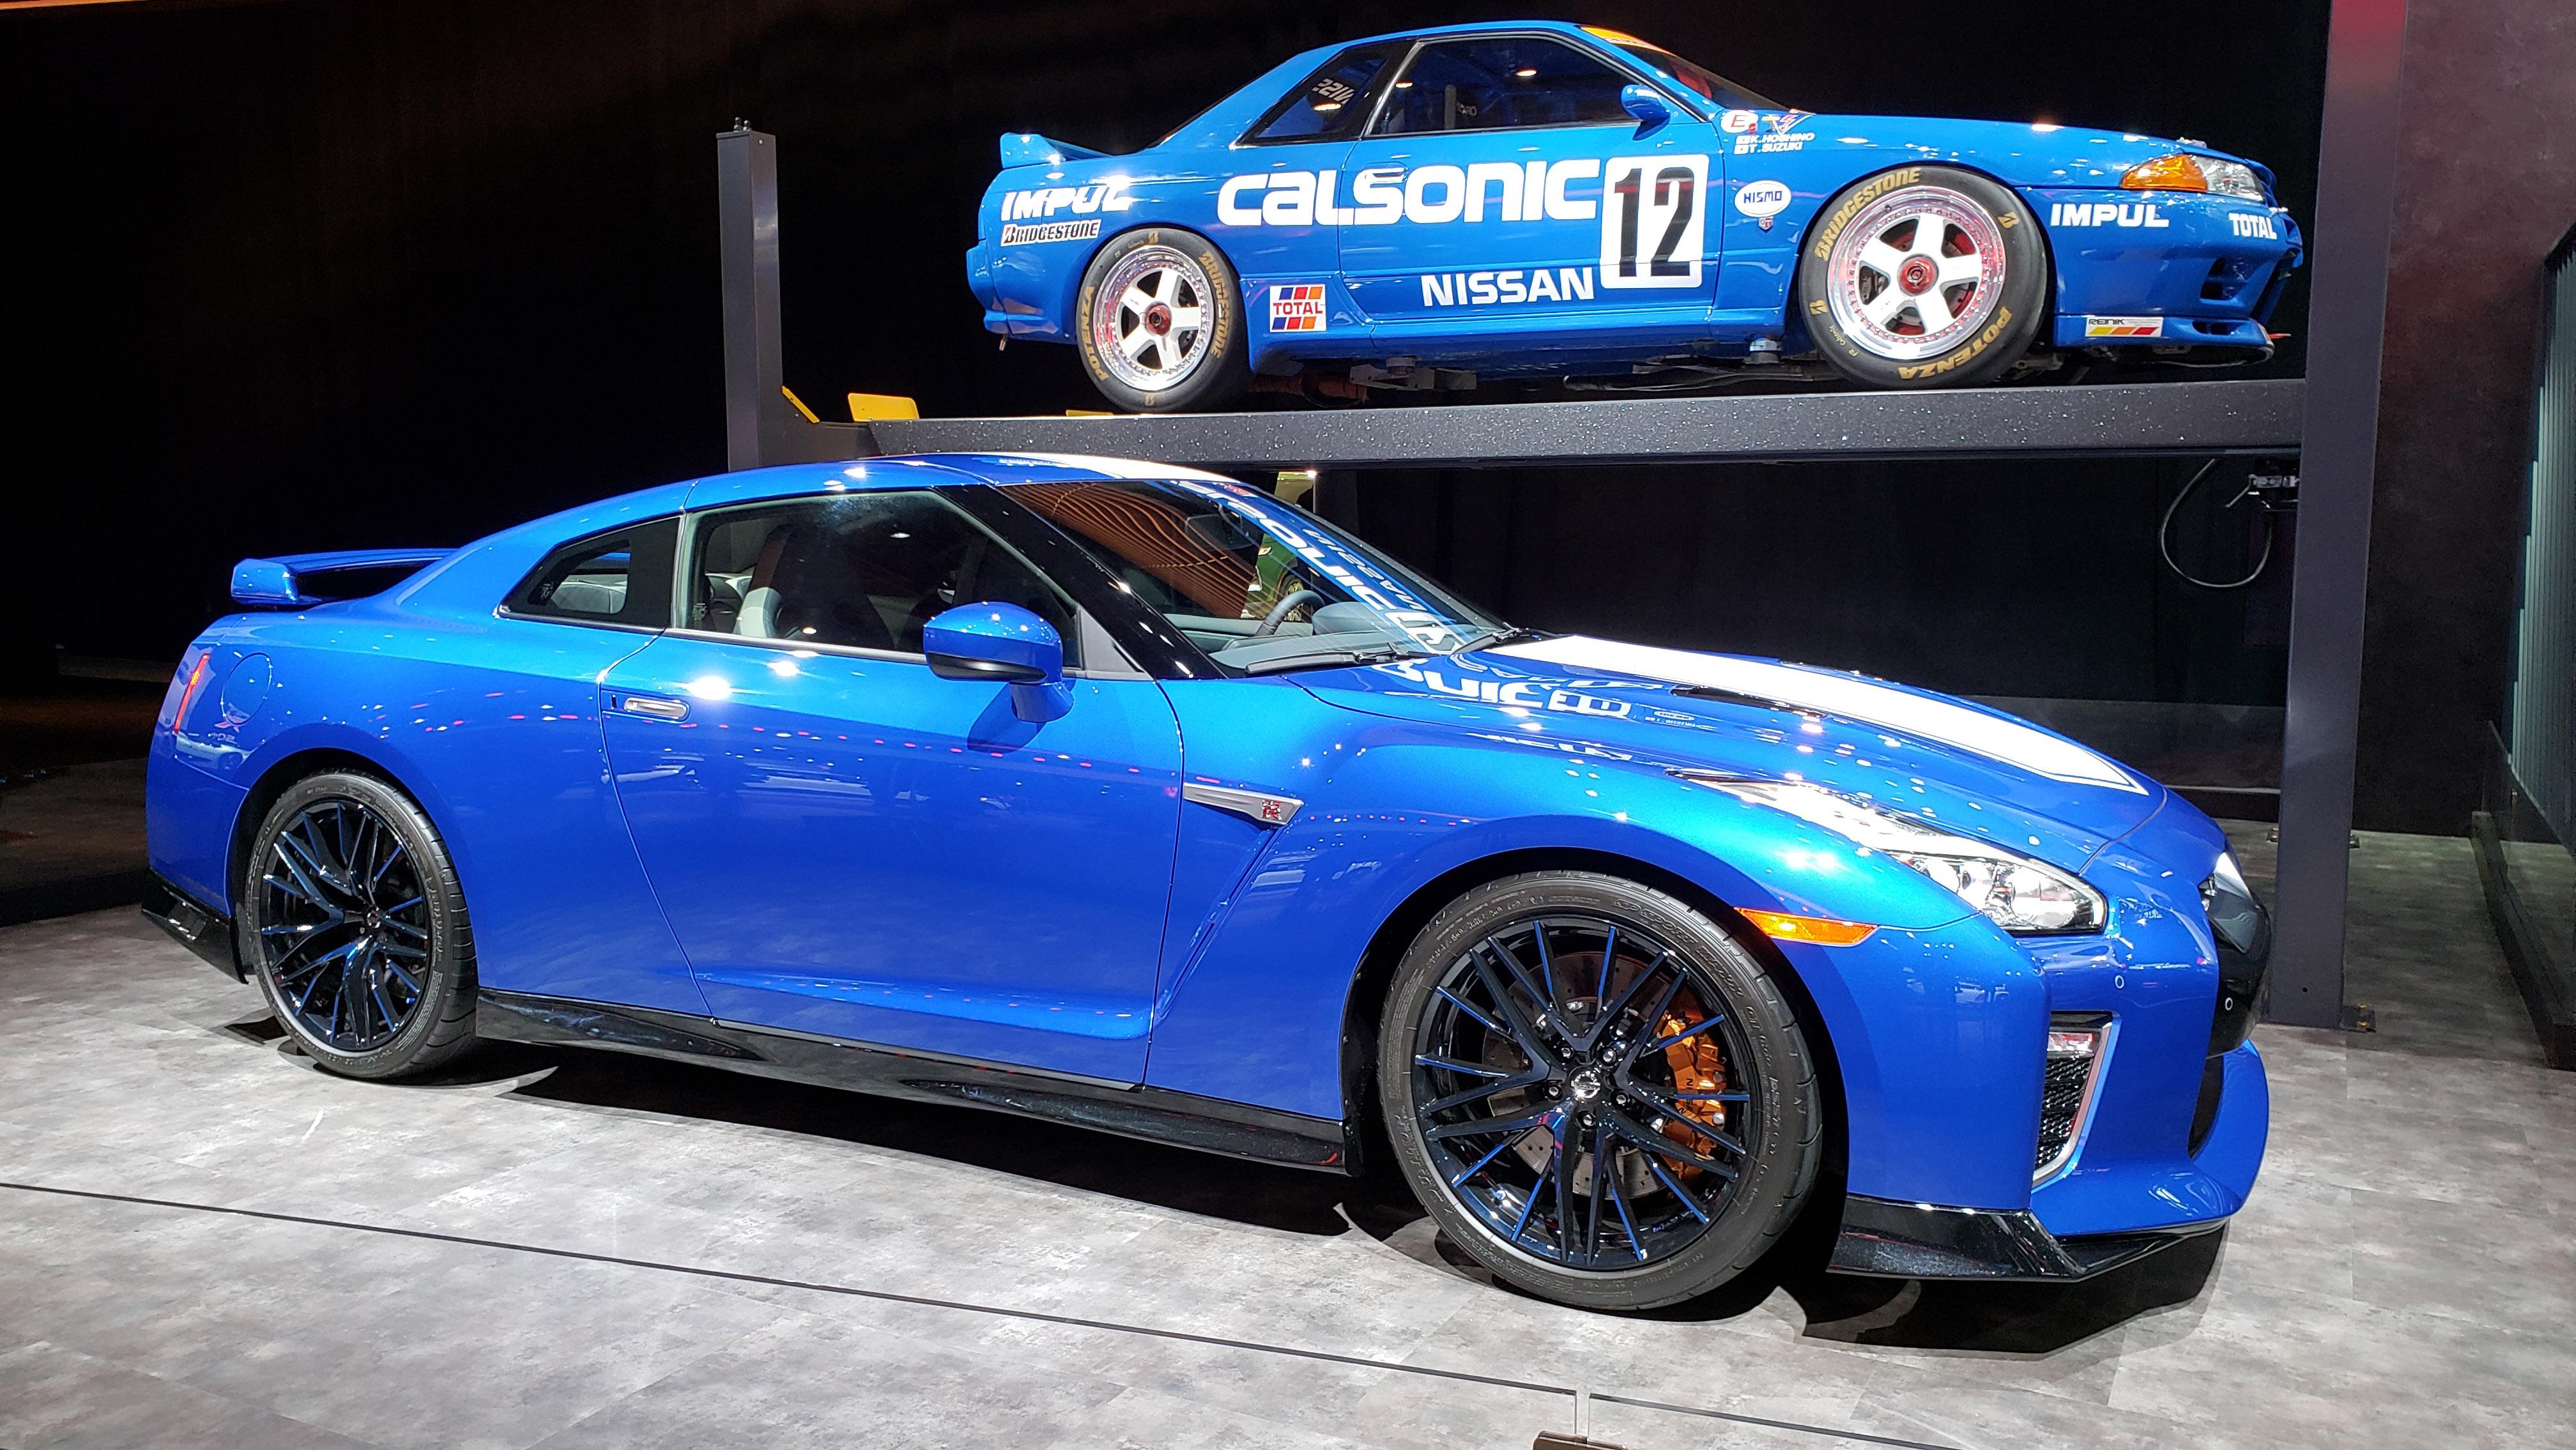 2020 Nissan GT-R 50th